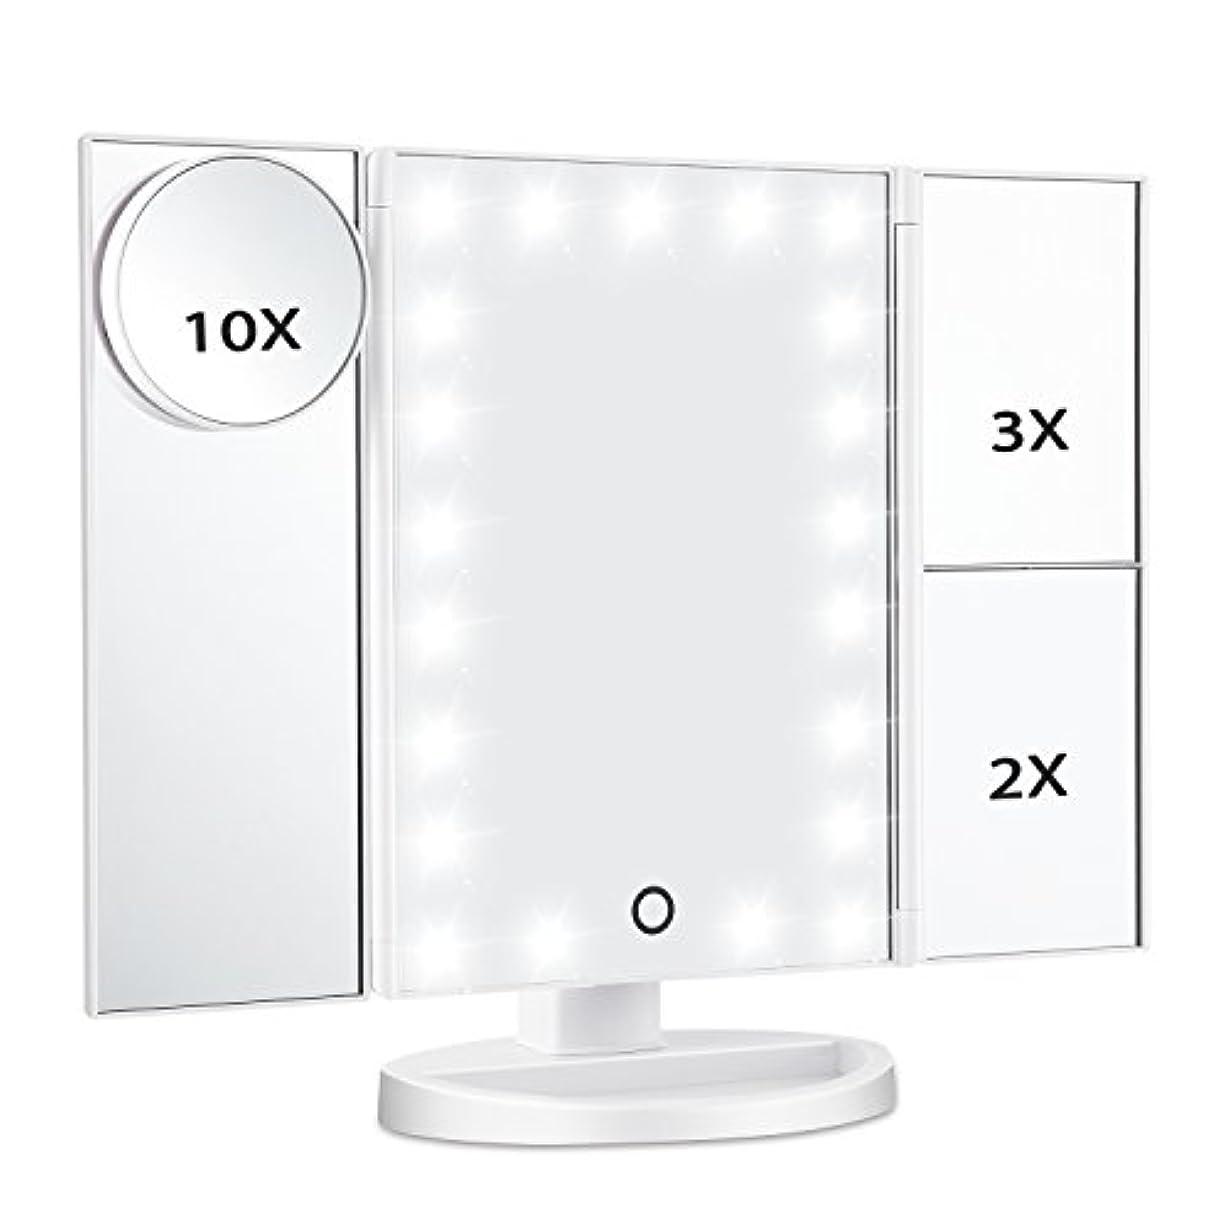 階層ブラスト池Magicfly 化粧鏡 LED三面鏡 ミラー 折り畳み式 10X /3X/2X拡大鏡付き 明るさ調節可能180°回転 電池/USB 2WAY給電(ホワイト)